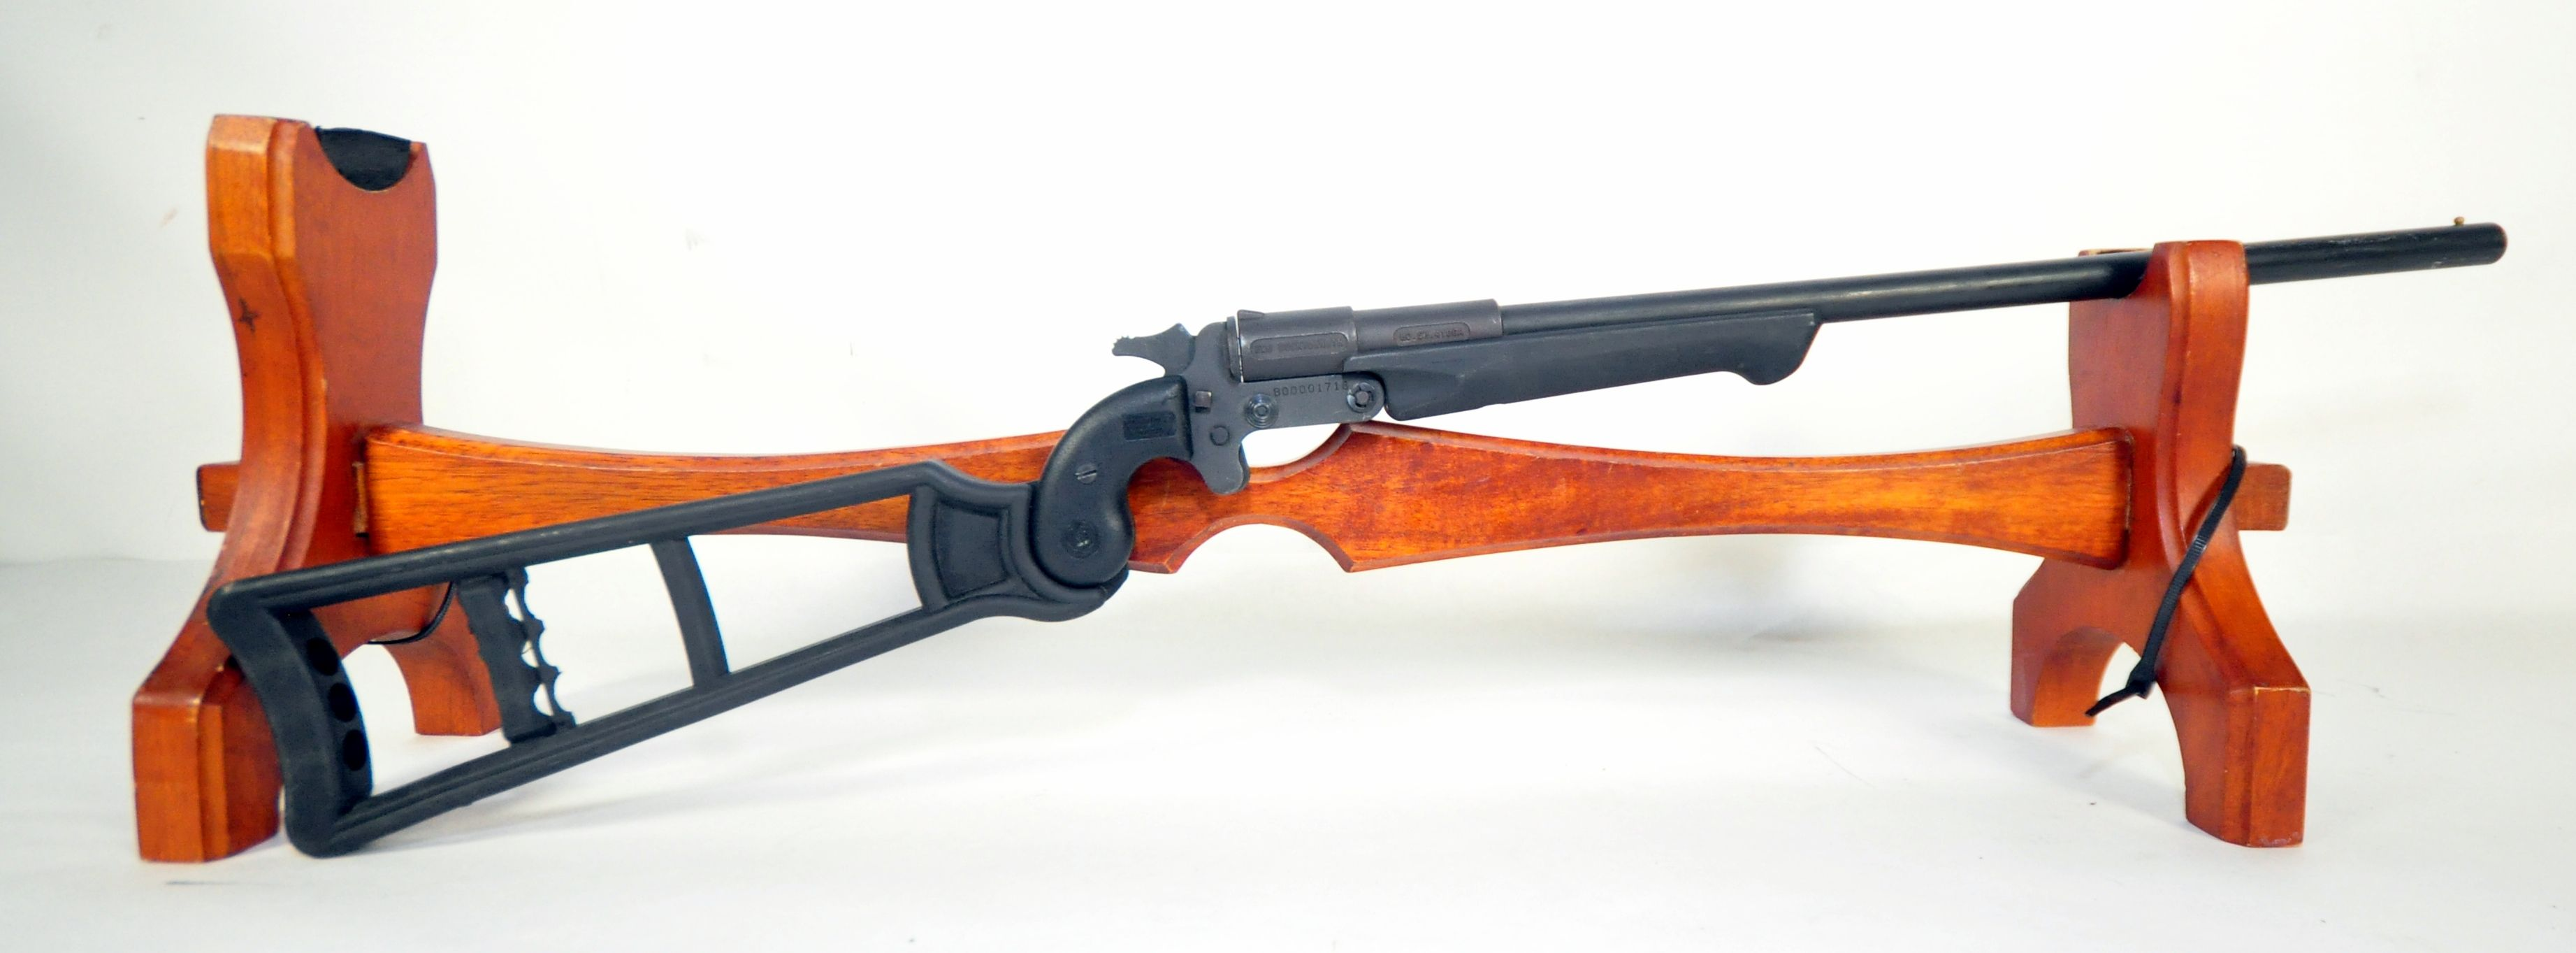 Fmj Ducktown Cobray Derringer